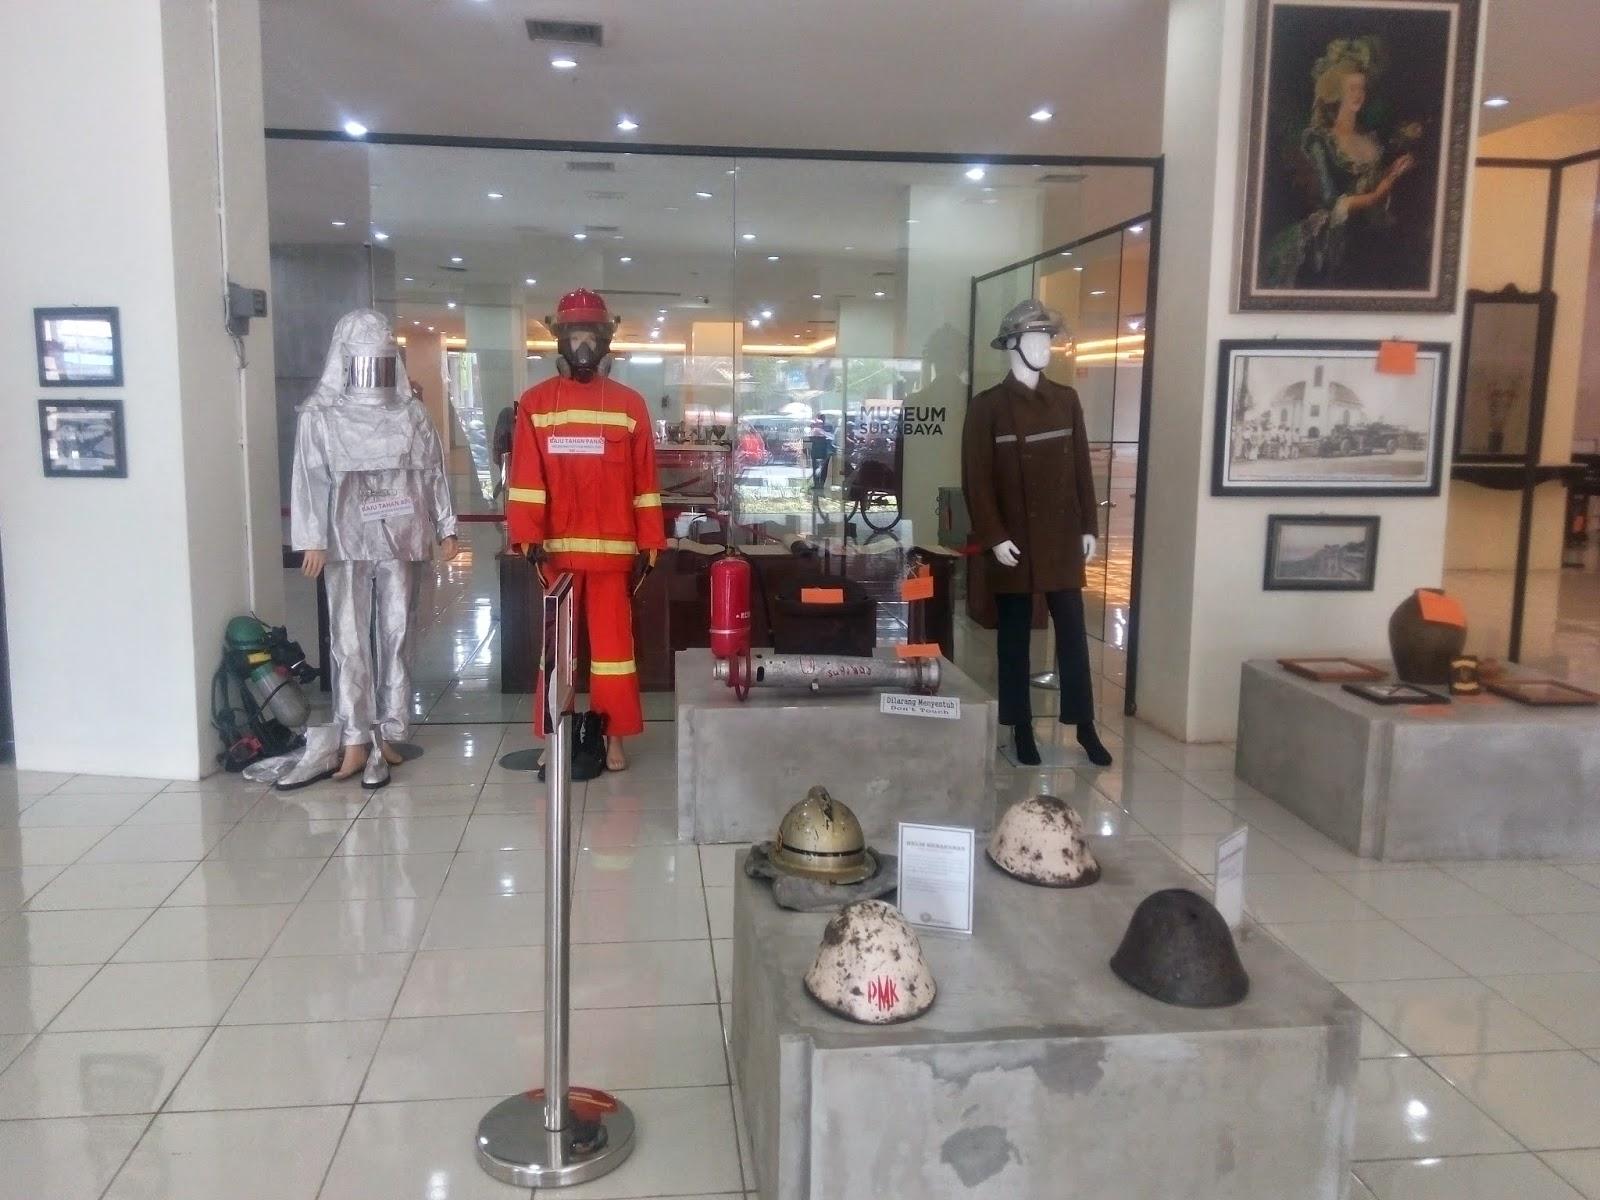 Museum Surabaya Segalanya Tentang Petualang Pengetahuan Kota Disalah Satu Sudut